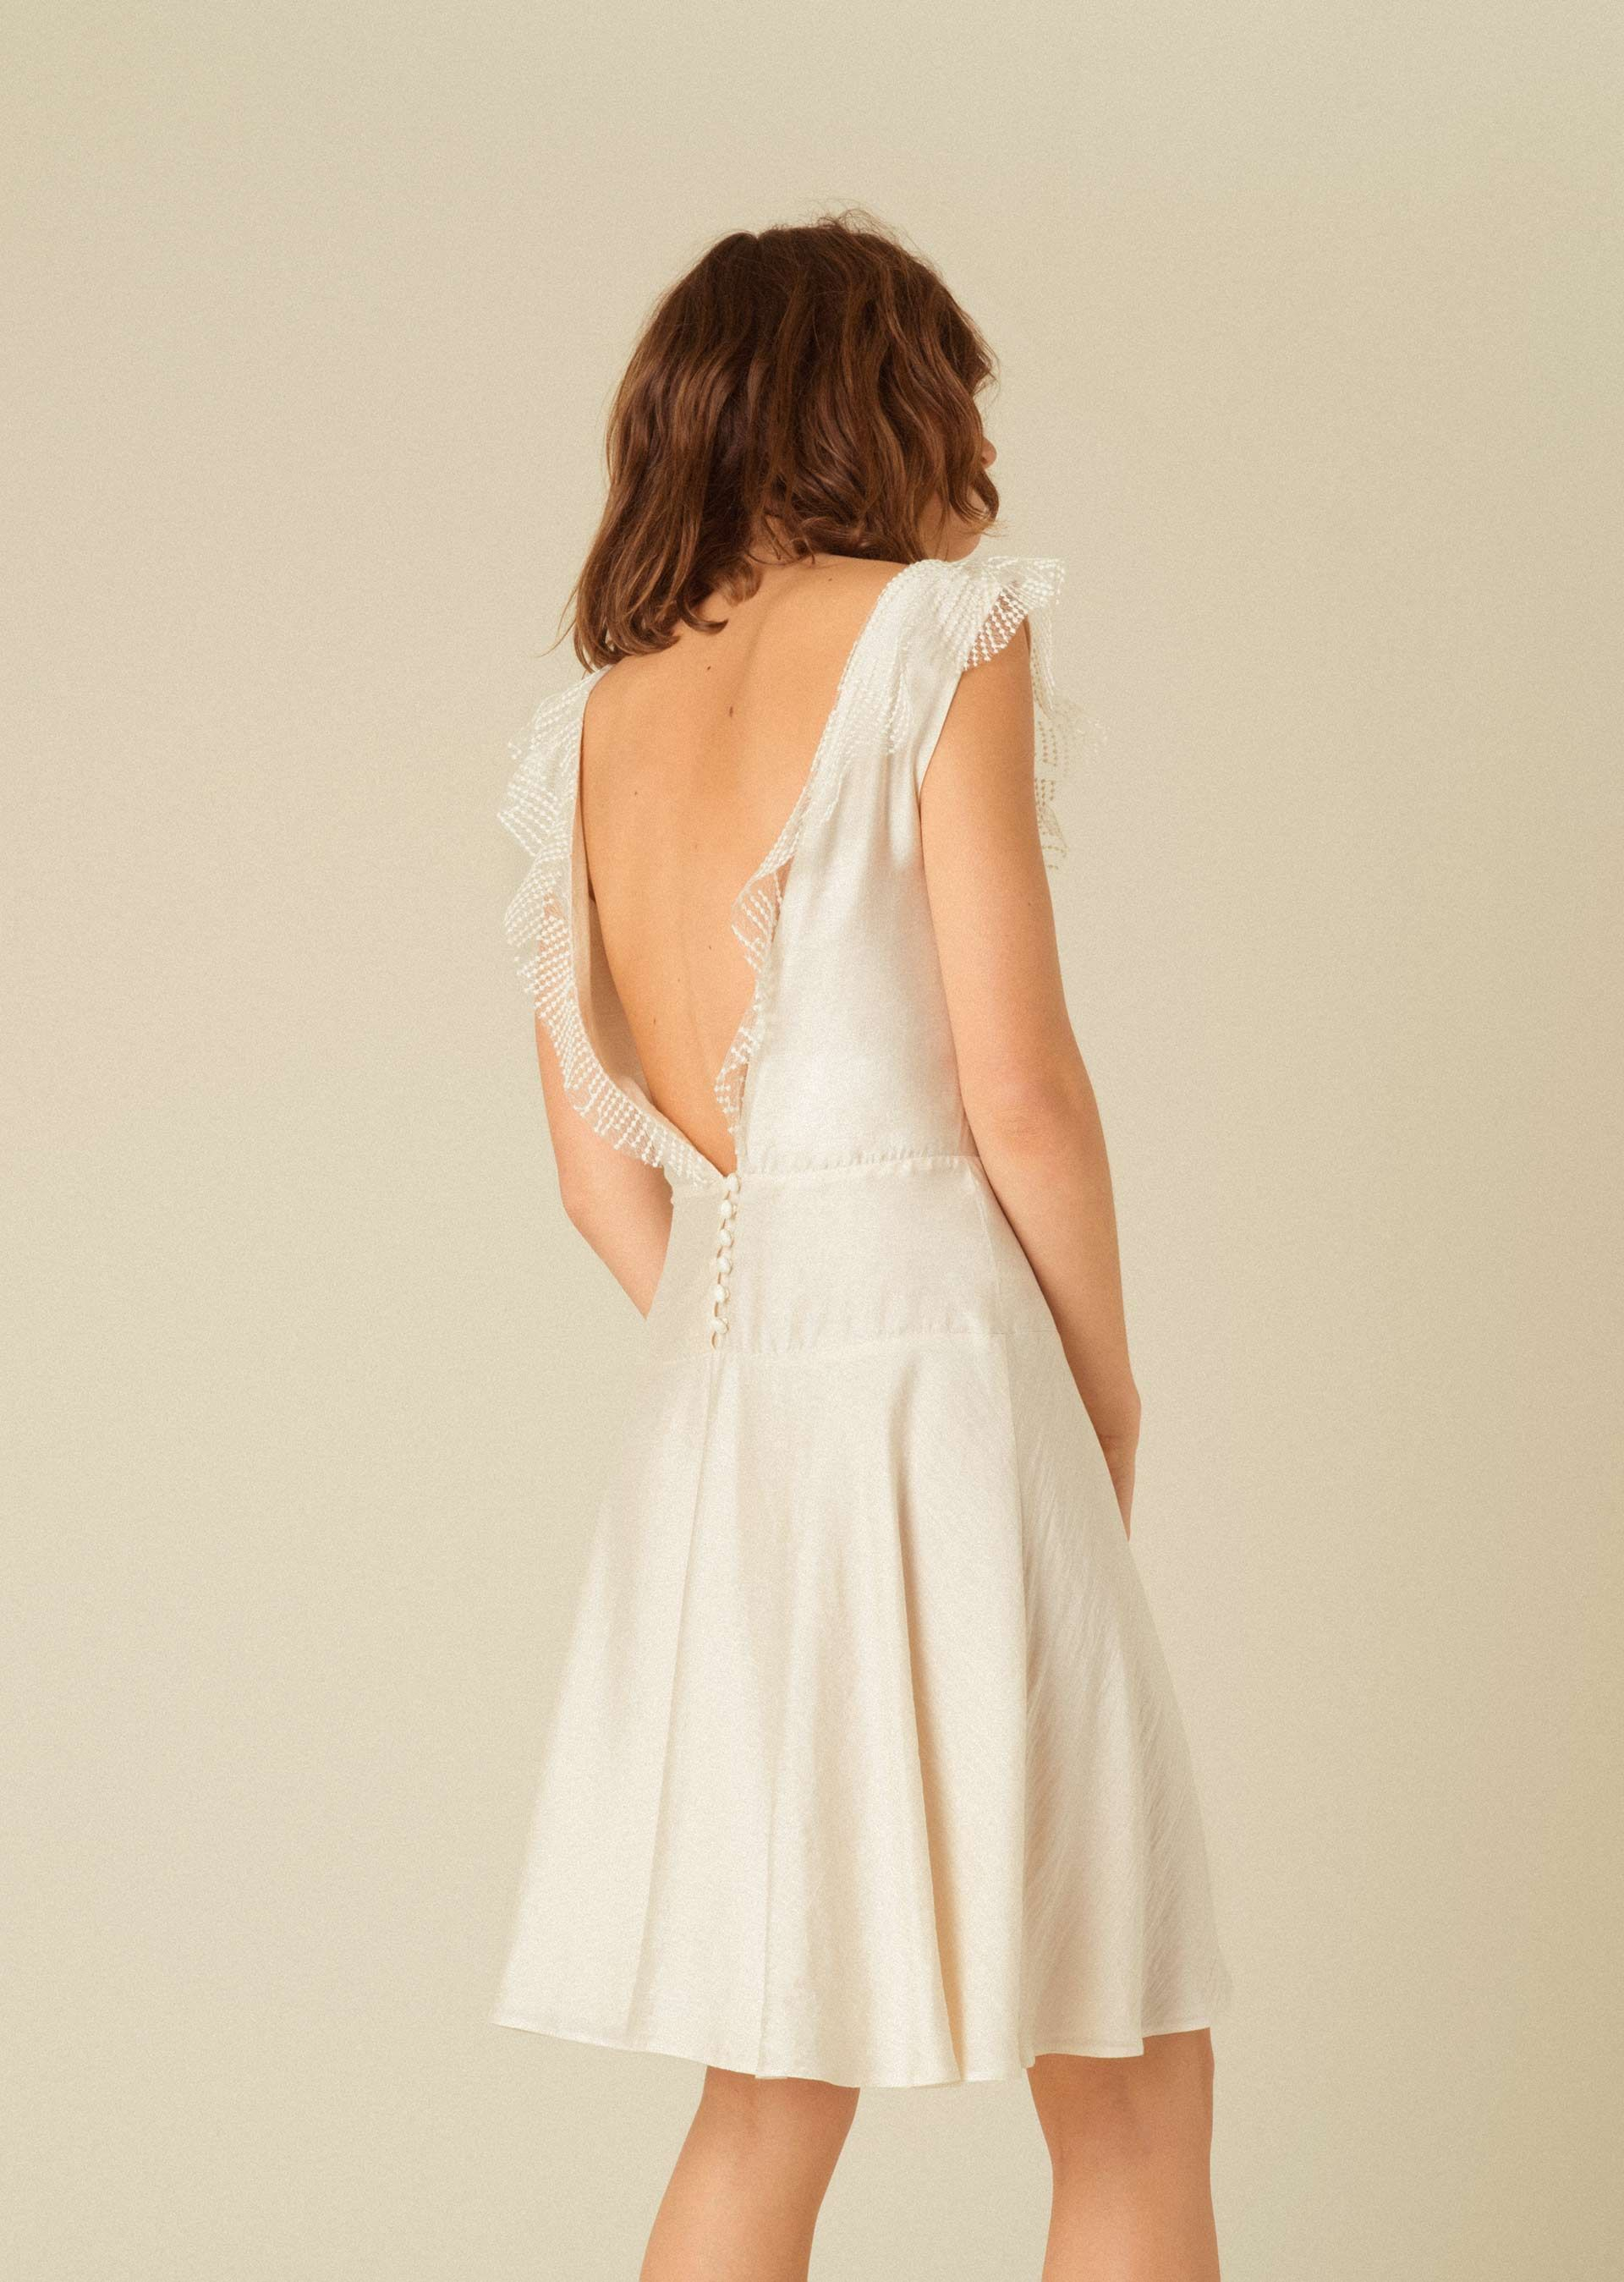 b43dd8840d0b1 sessun-oui-amorito2   Mode inspiration   Pinterest   Robes, Sessun ...